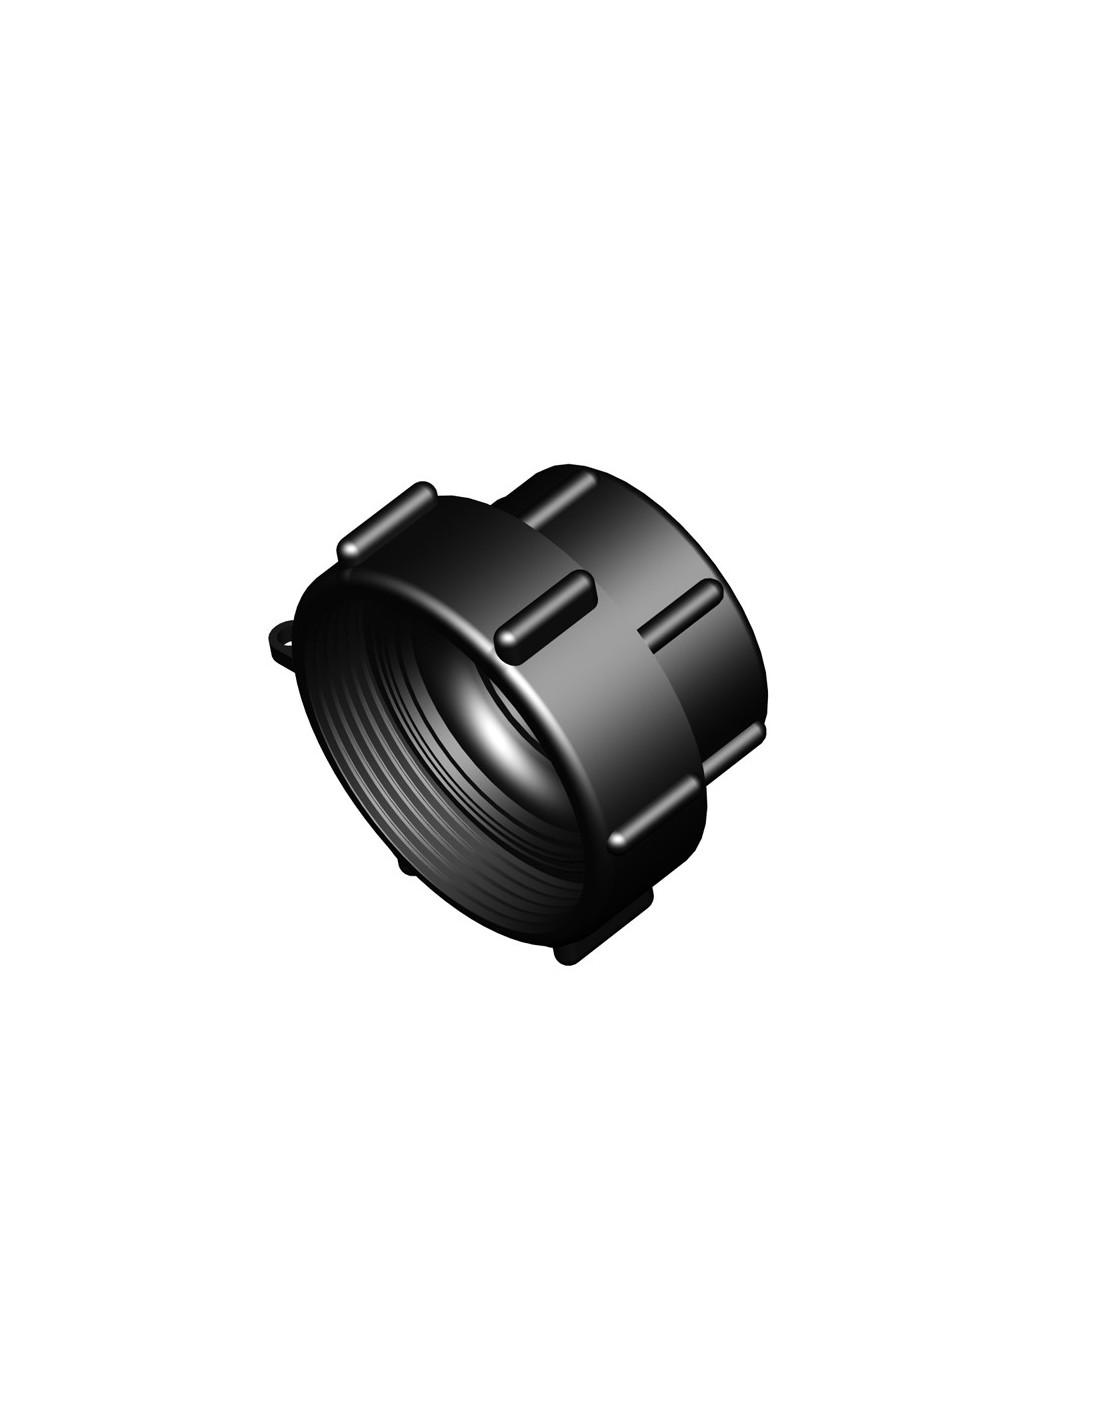 adaptateur changement de pas f 3 m80x3 kingtainer f 2 pas gaz sarl. Black Bedroom Furniture Sets. Home Design Ideas